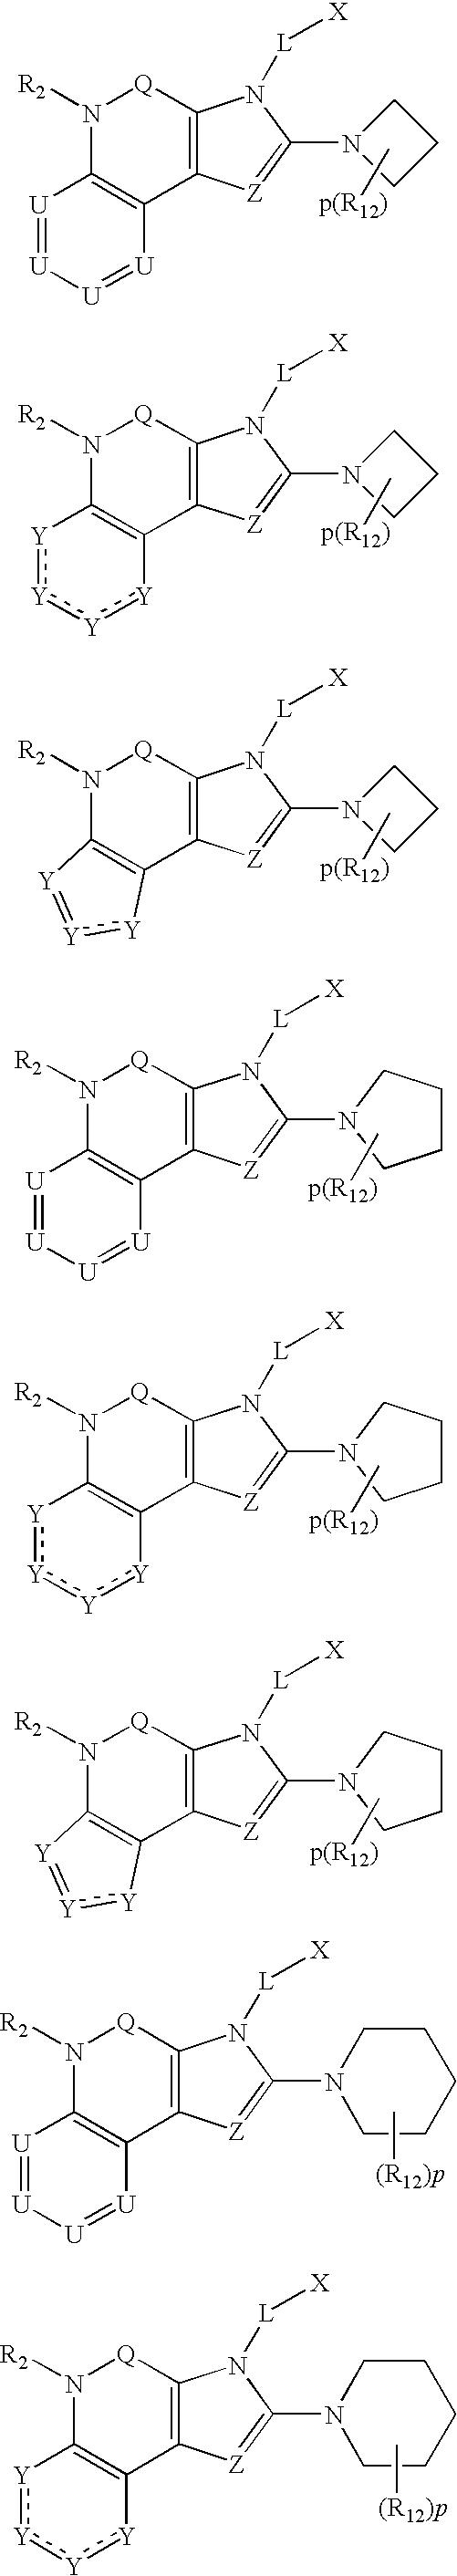 Figure US07169926-20070130-C00071